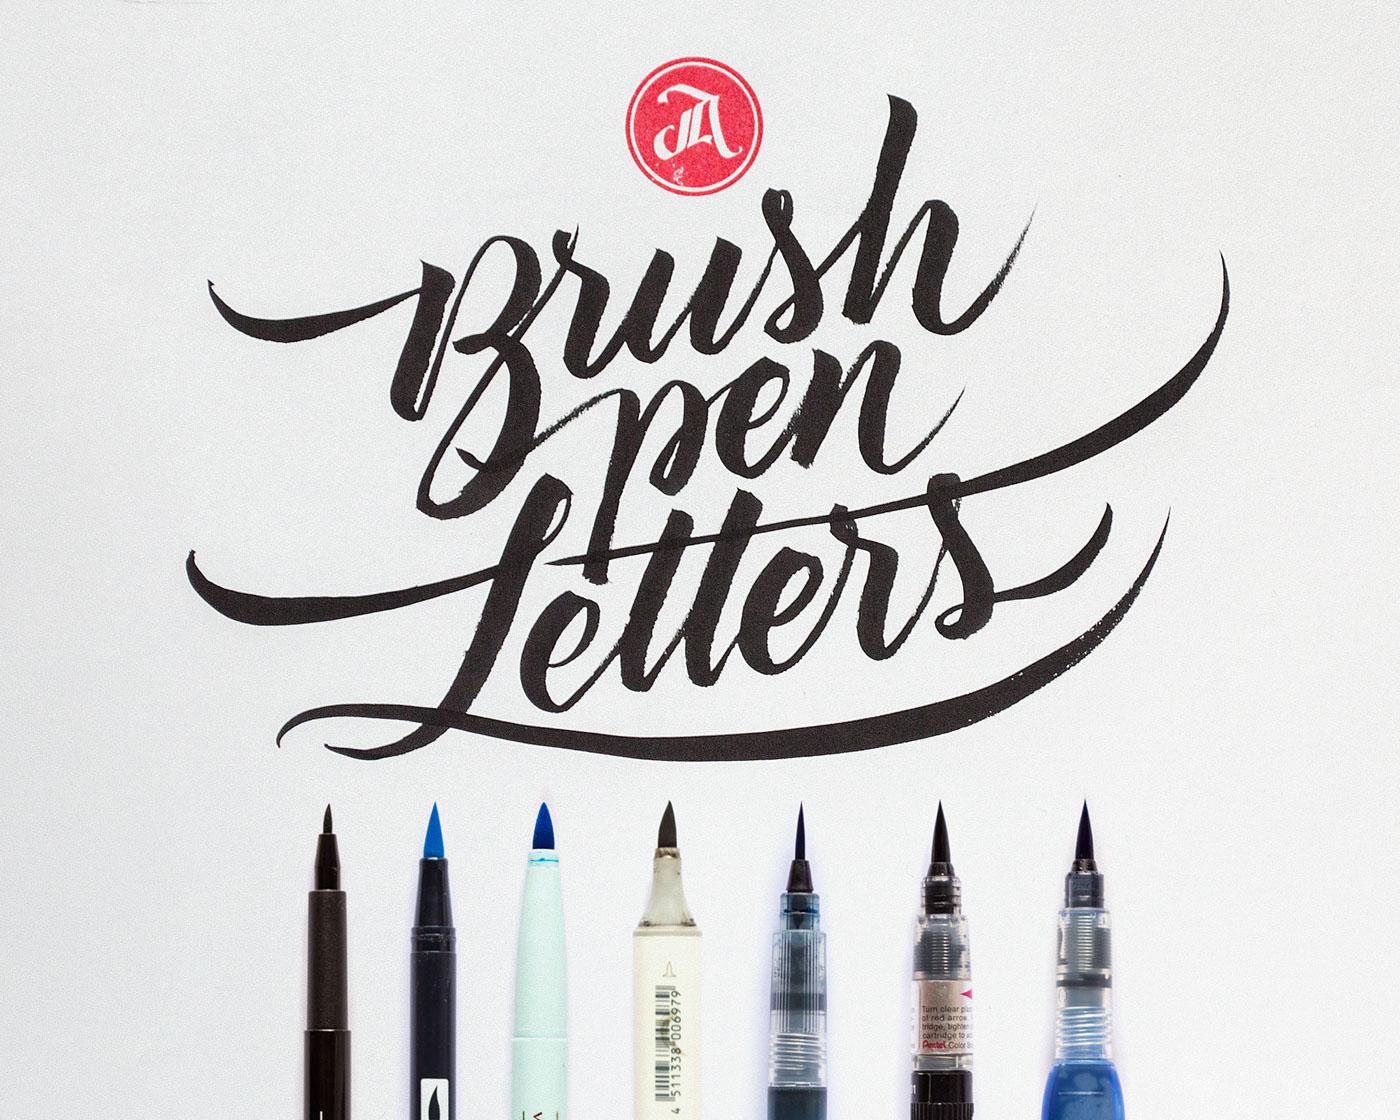 Brush pen Letters Workshop on Behance